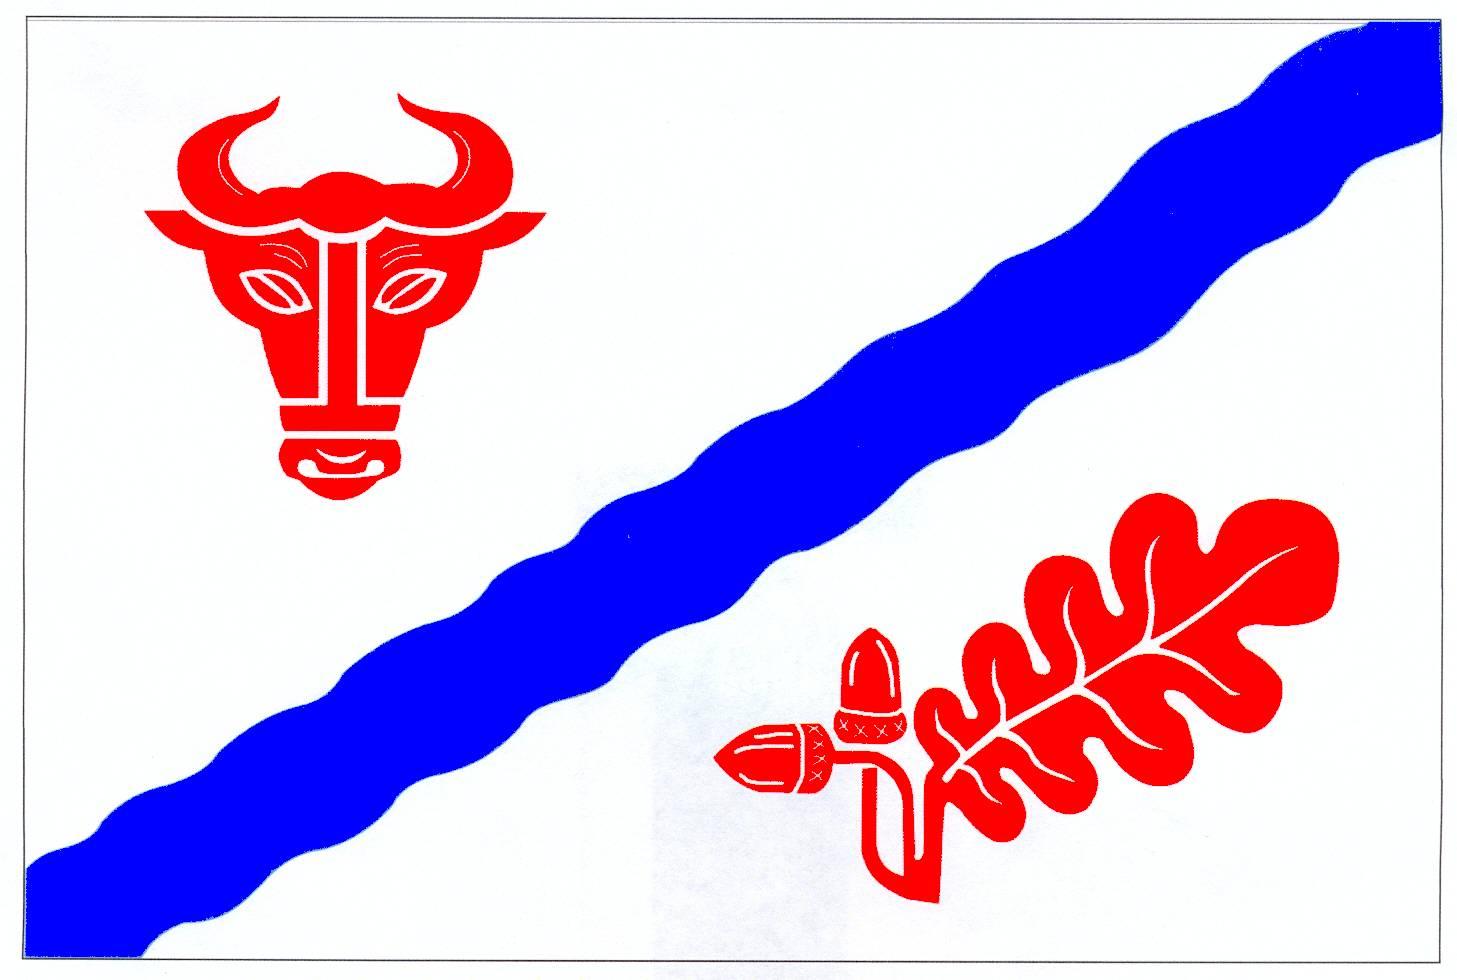 Flagge GemeindeLohbarbek, Kreis Steinburg